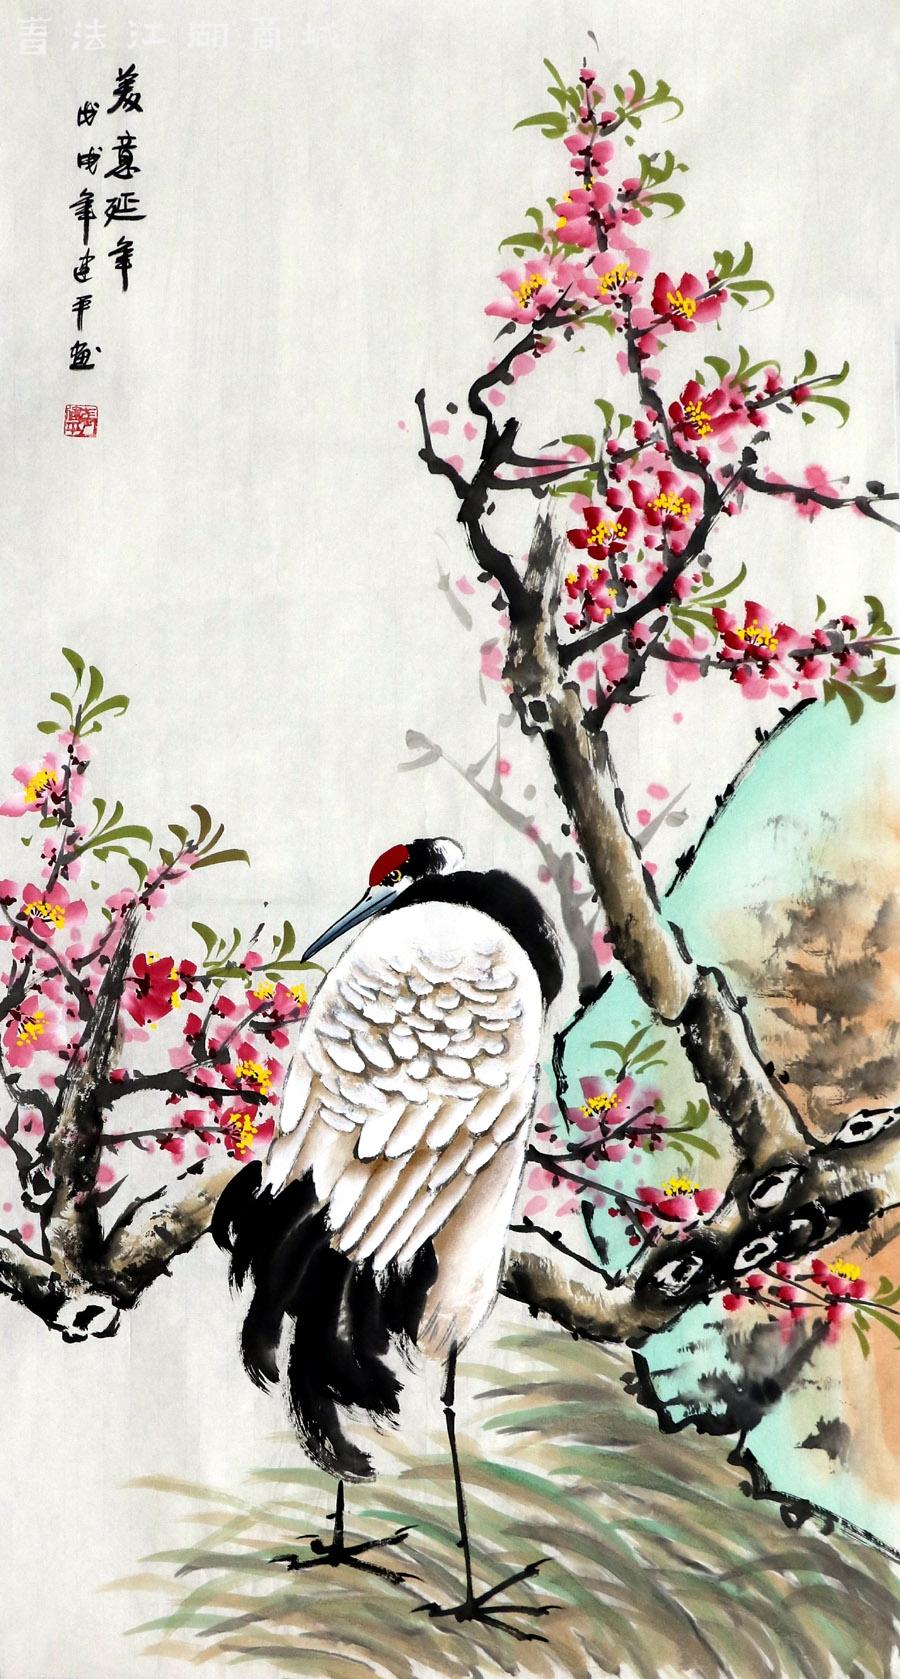 张建平·三尺竖幅写意花鸟03.jpg